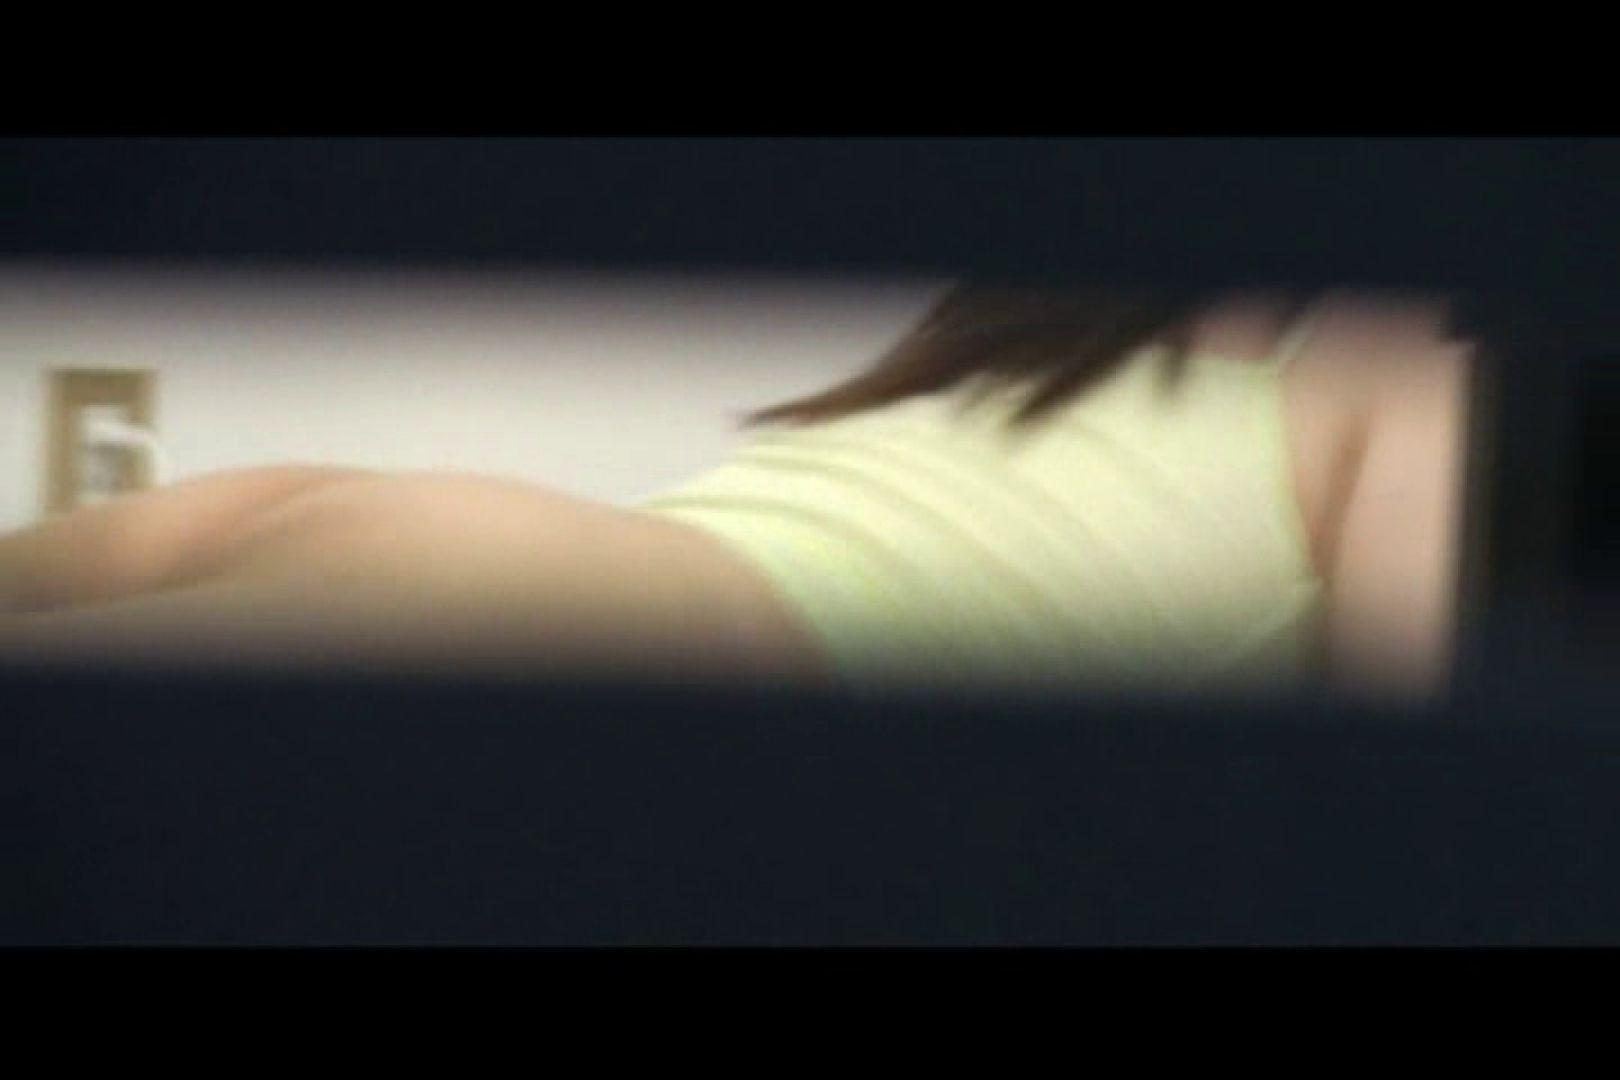 独占配信!無修正! 看護女子寮 vol.12 ナース 盗撮おまんこ無修正動画無料 67画像 51